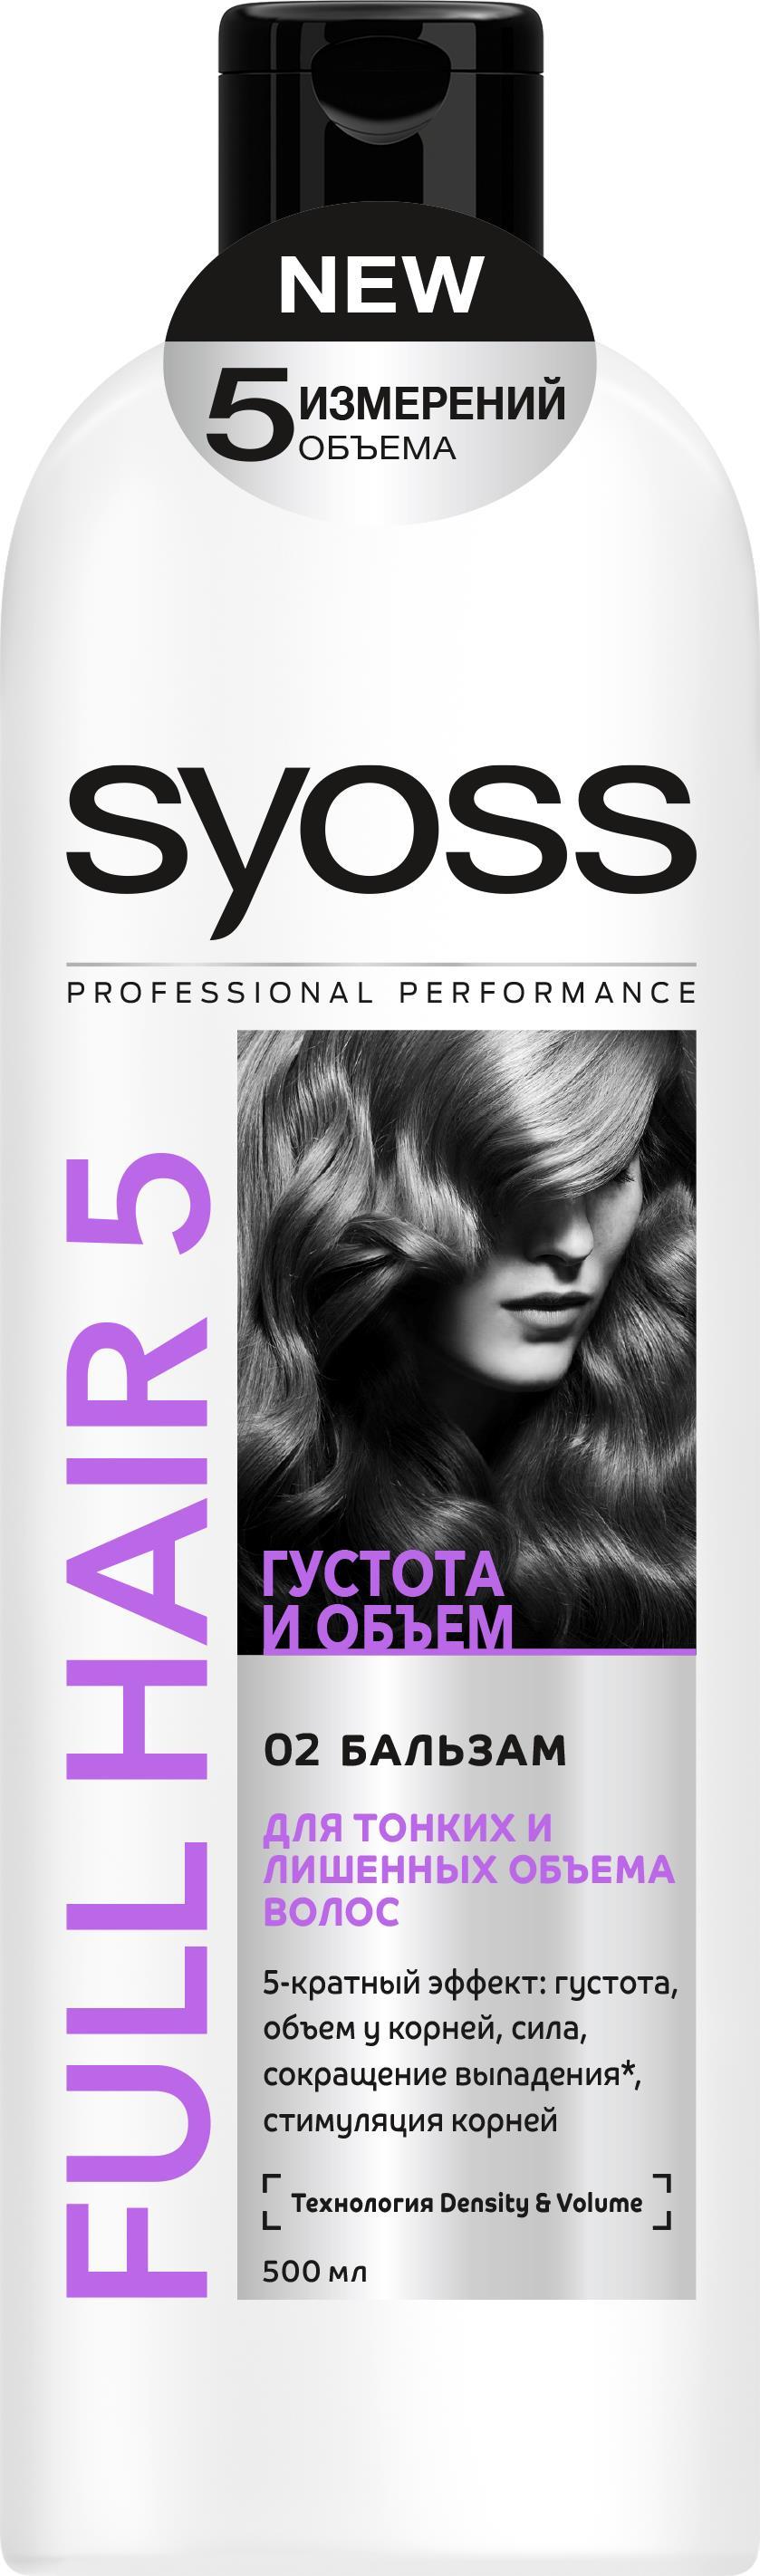 SYOSS Бальзам Full Hair 5 , 500мл9034240Первый профессиональный уход за волосами, направленный на улучшение пяти показателей здоровья волос: густоту,объем, силу, сокращение выпадения волос, вызванного их ломкостью, а также стимуляцию работы волосяных луковиц.Бережно ухаживает, придавая силу и густоту волосамДелает поверхность волоса гладкой, облегчая расчесываниеСокращает выпадение волос* и активно стимулирует корни * вызванное ломкостью